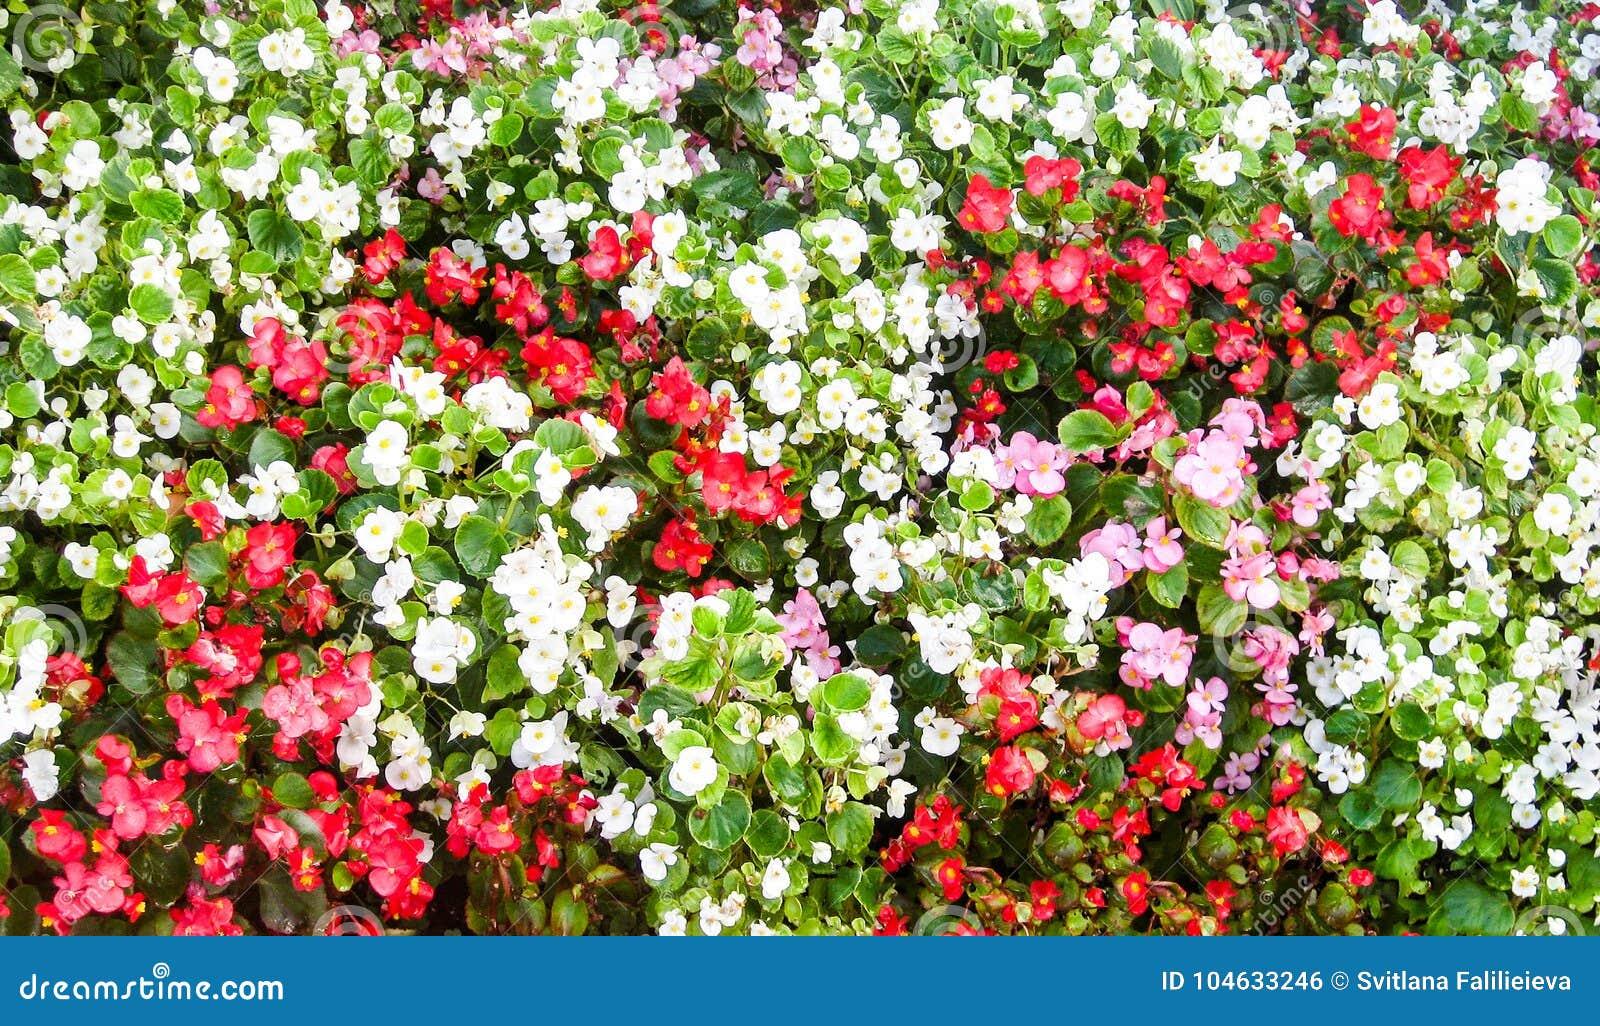 Download Kleurrijk Tapijt Van Openlucht Bloeiende Begonia Stock Foto - Afbeelding bestaande uit bloesem, installatie: 104633246